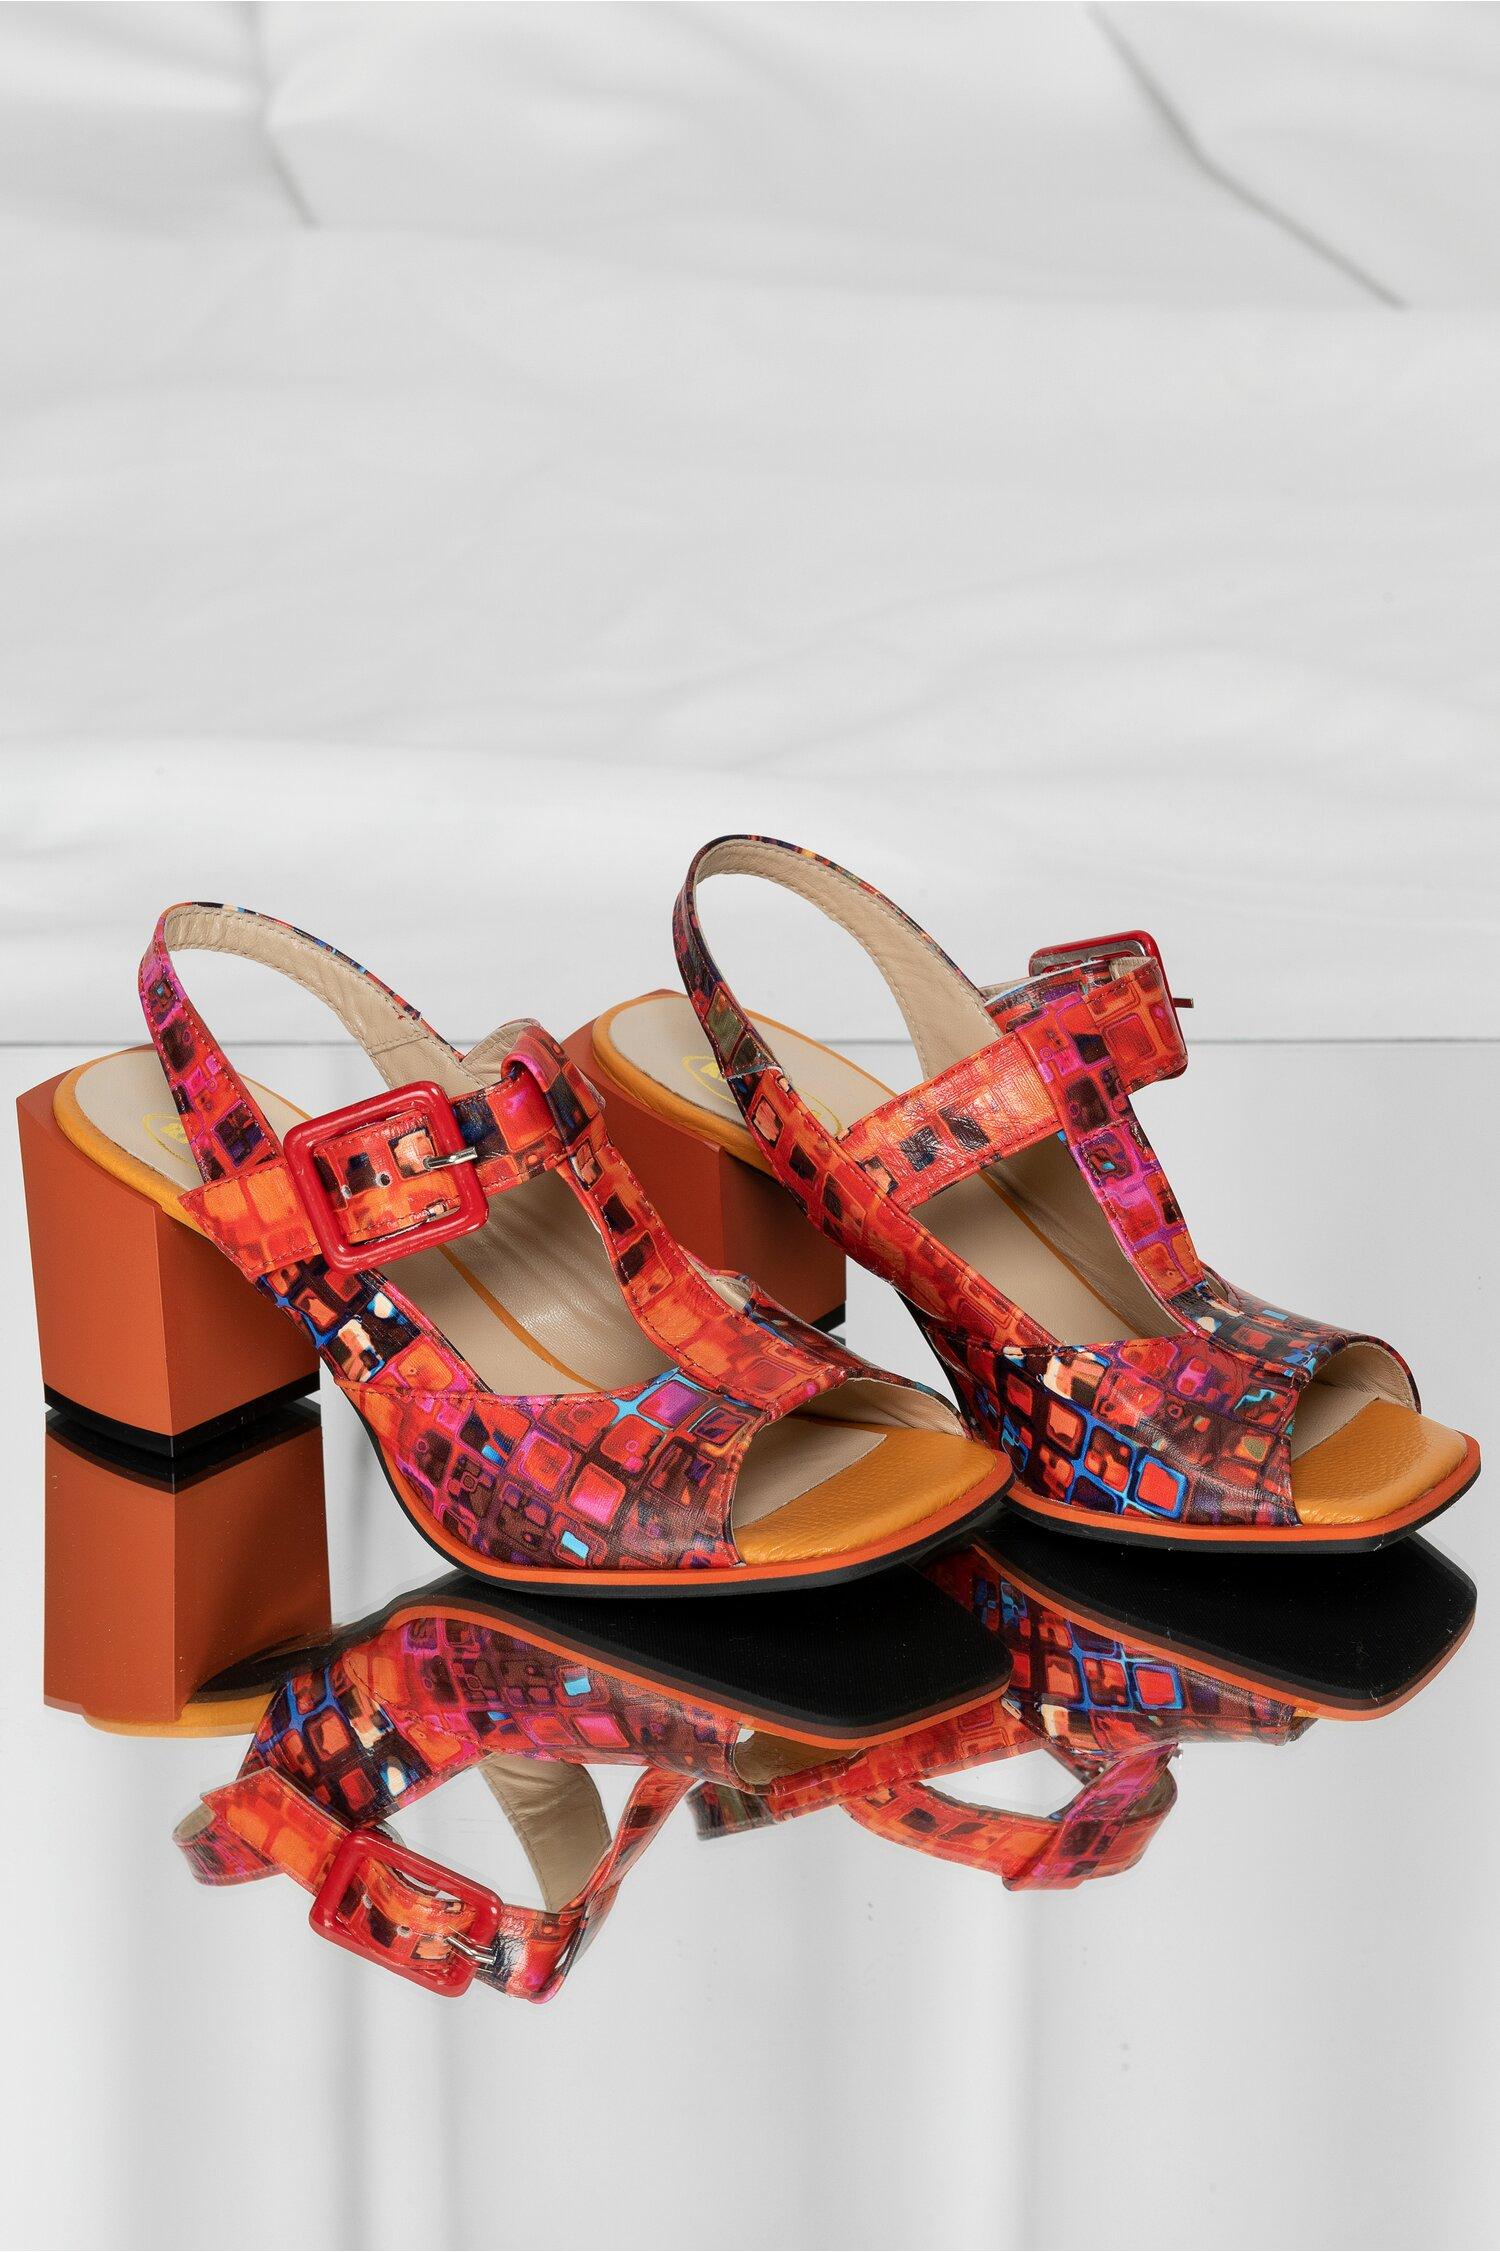 Sandale din piele oranj cu detalii multicolore si toc gros